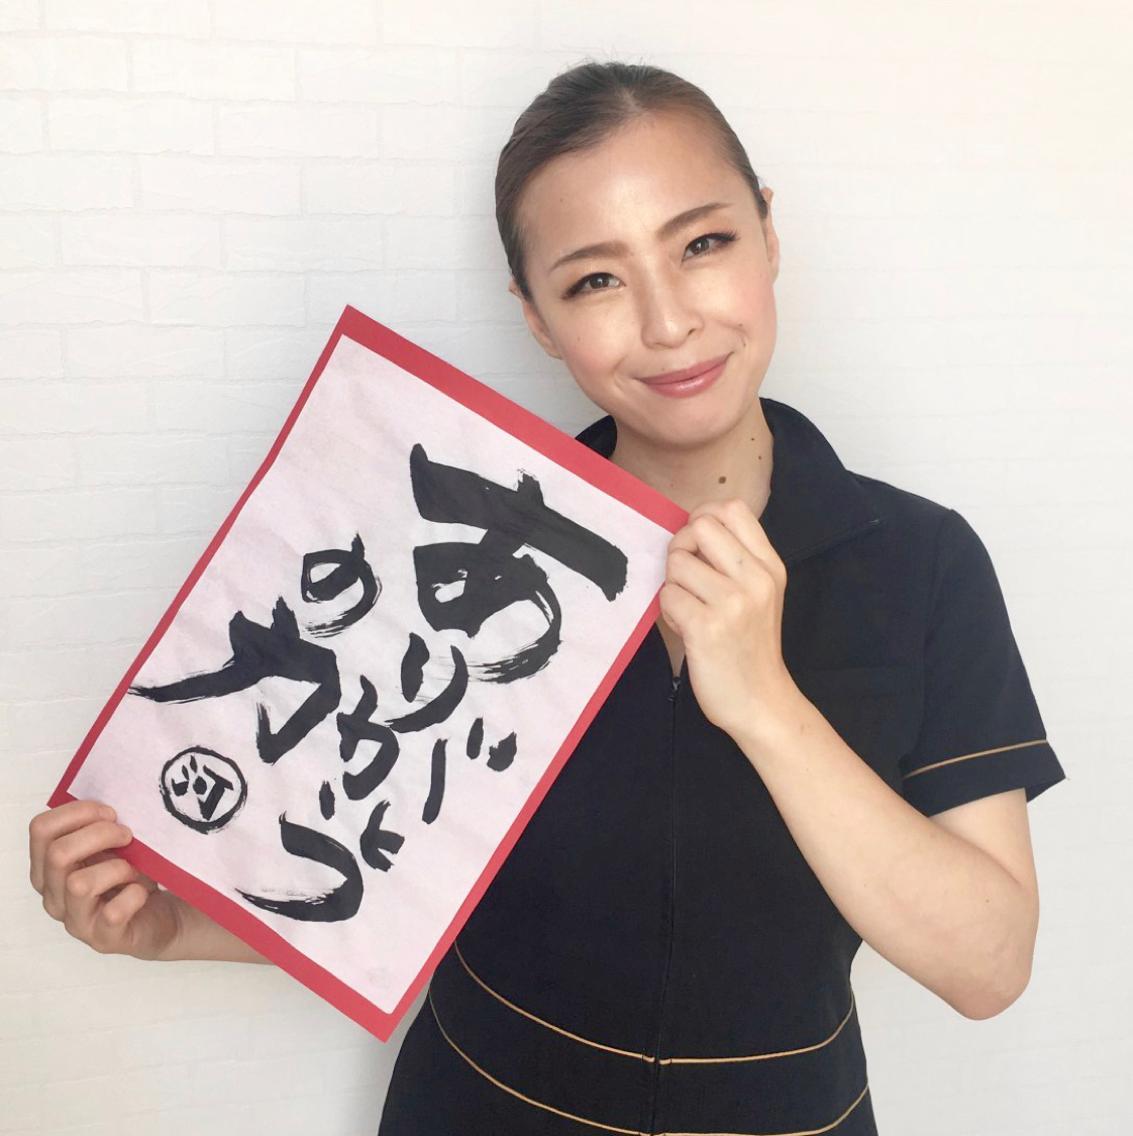 小顔整体研究所〜KSラボ〜稲沢店所属・稲沢店店長 河合真実の掲載